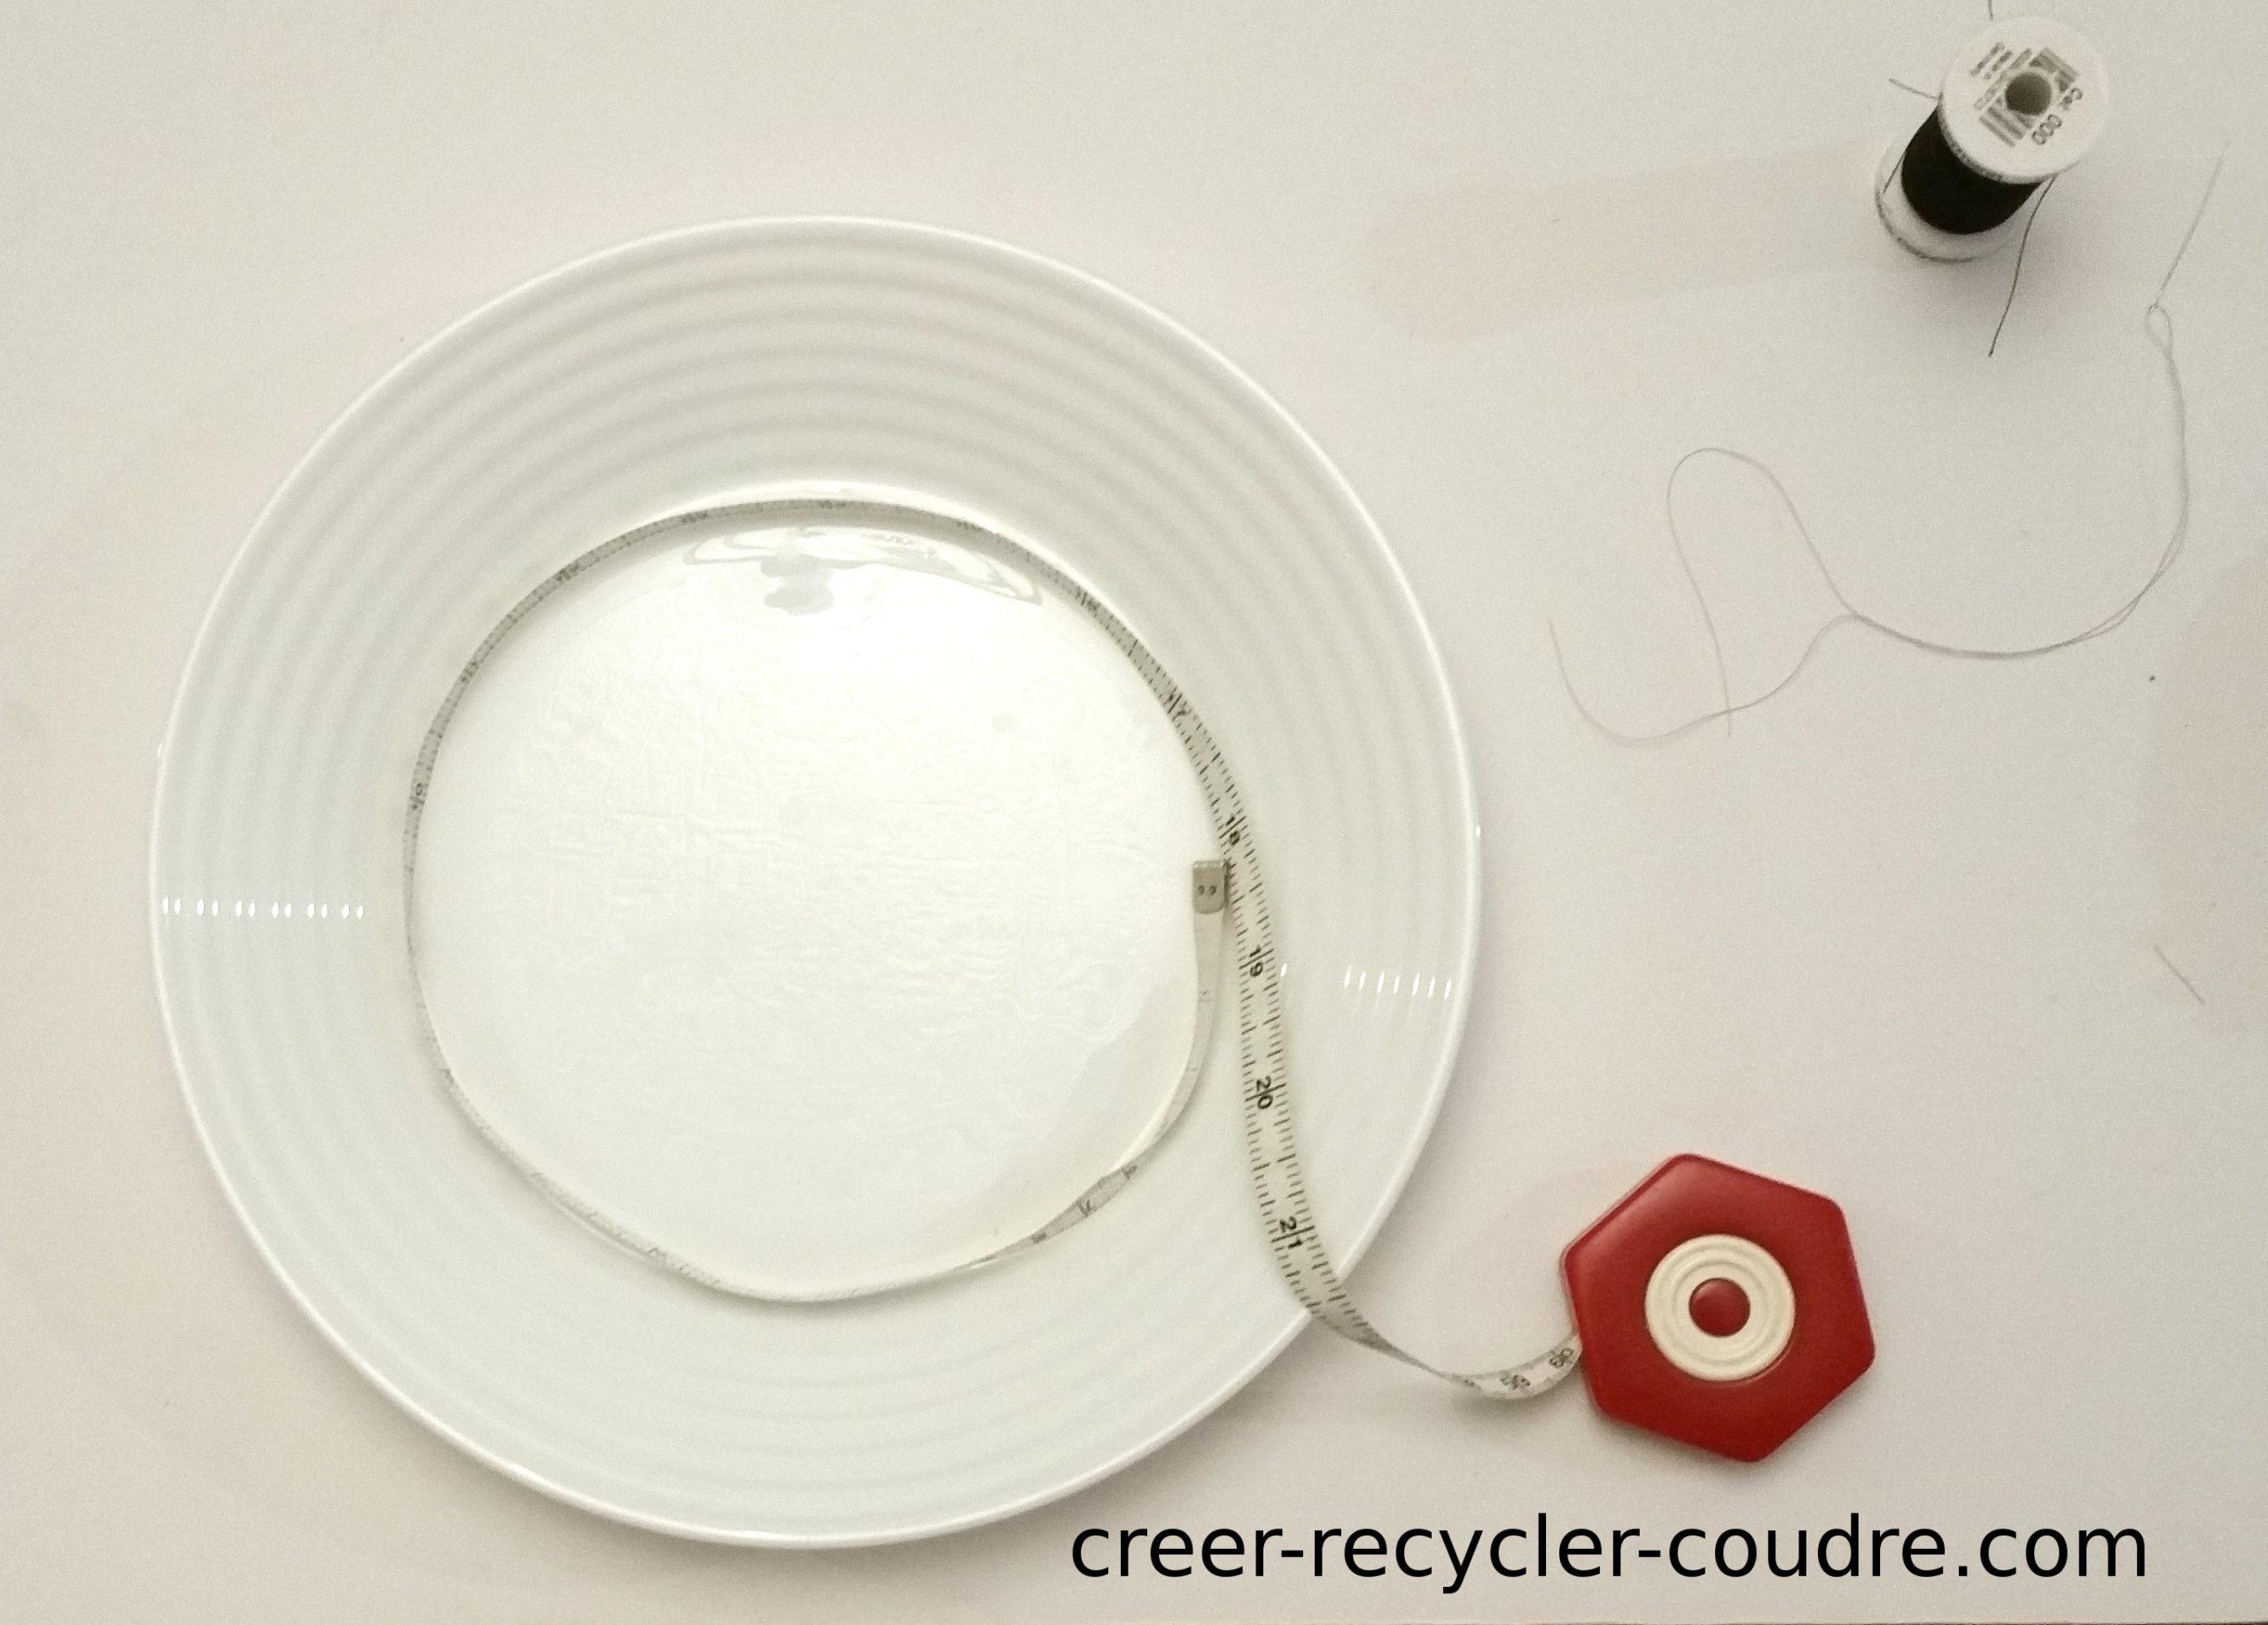 mesure du contour de l'assiette